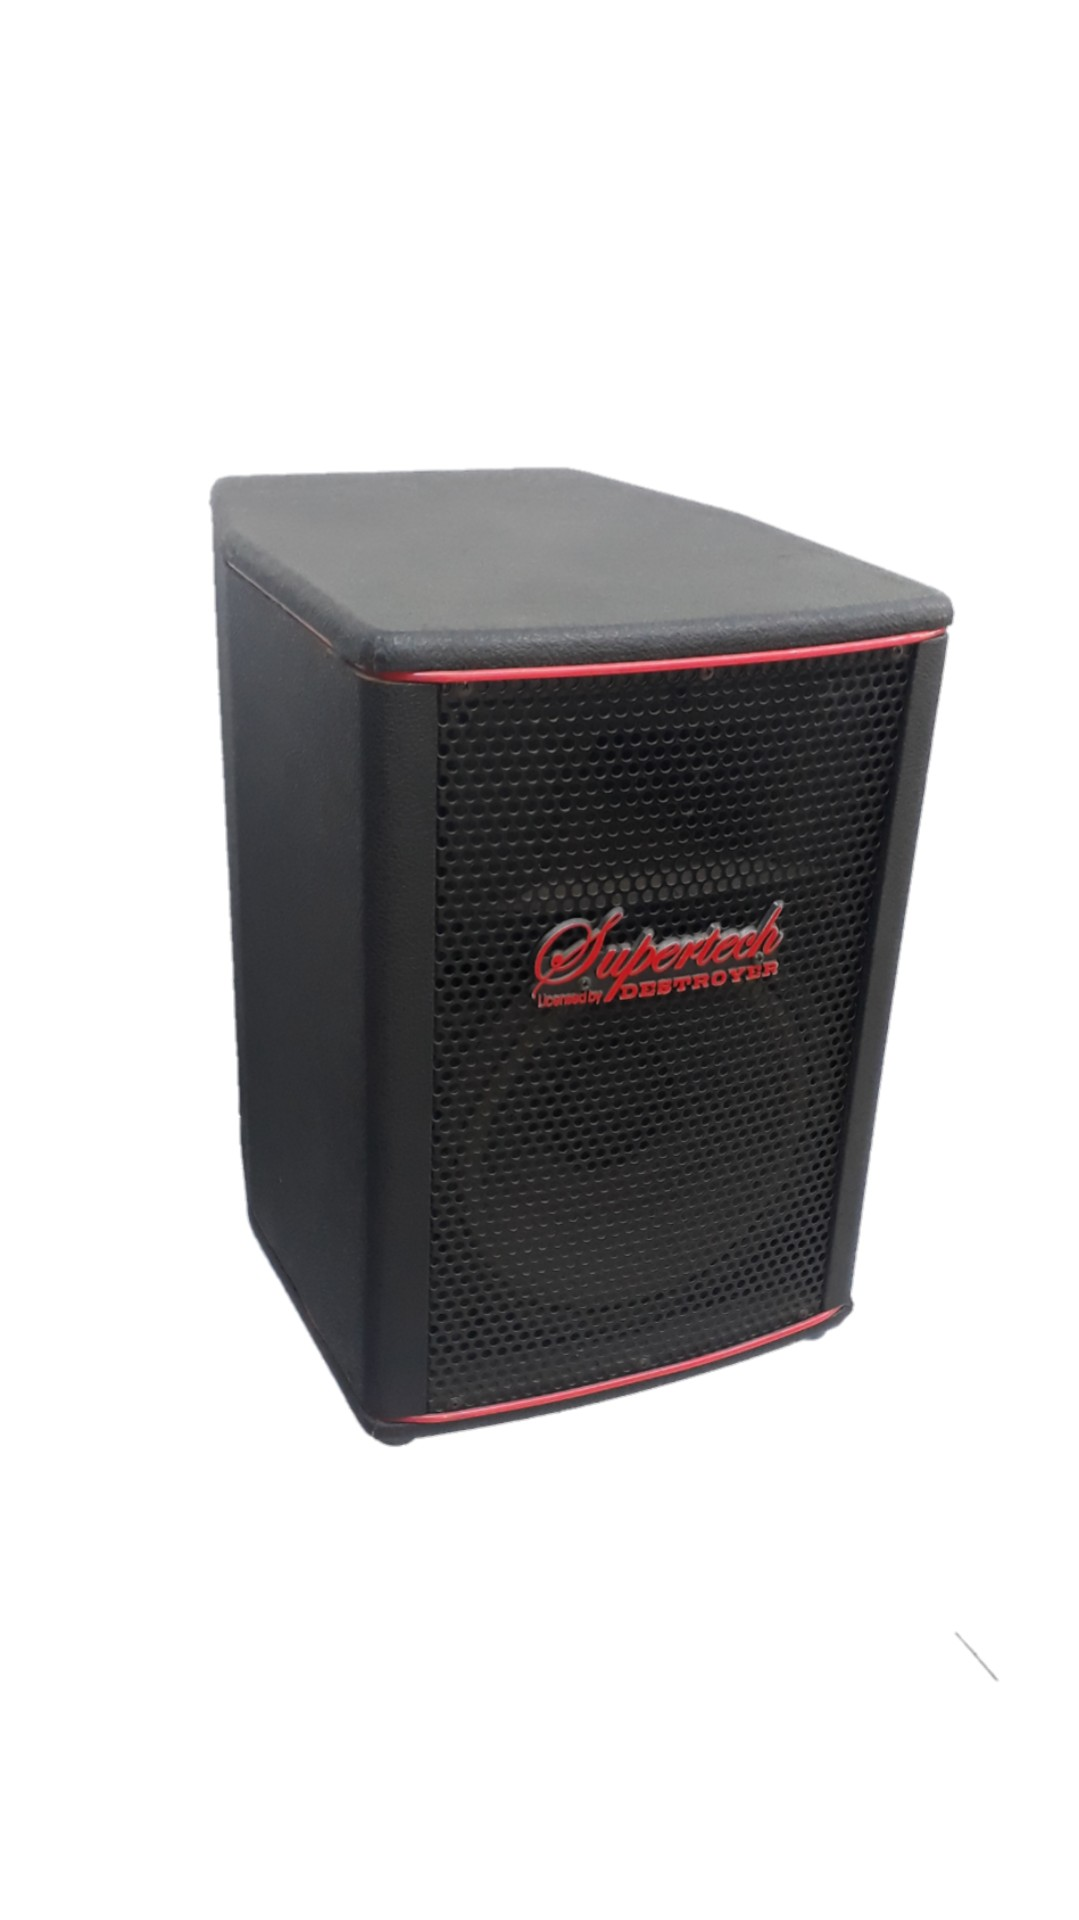 Caixa Acústica Supertech Falante 8.Dourado150wref.